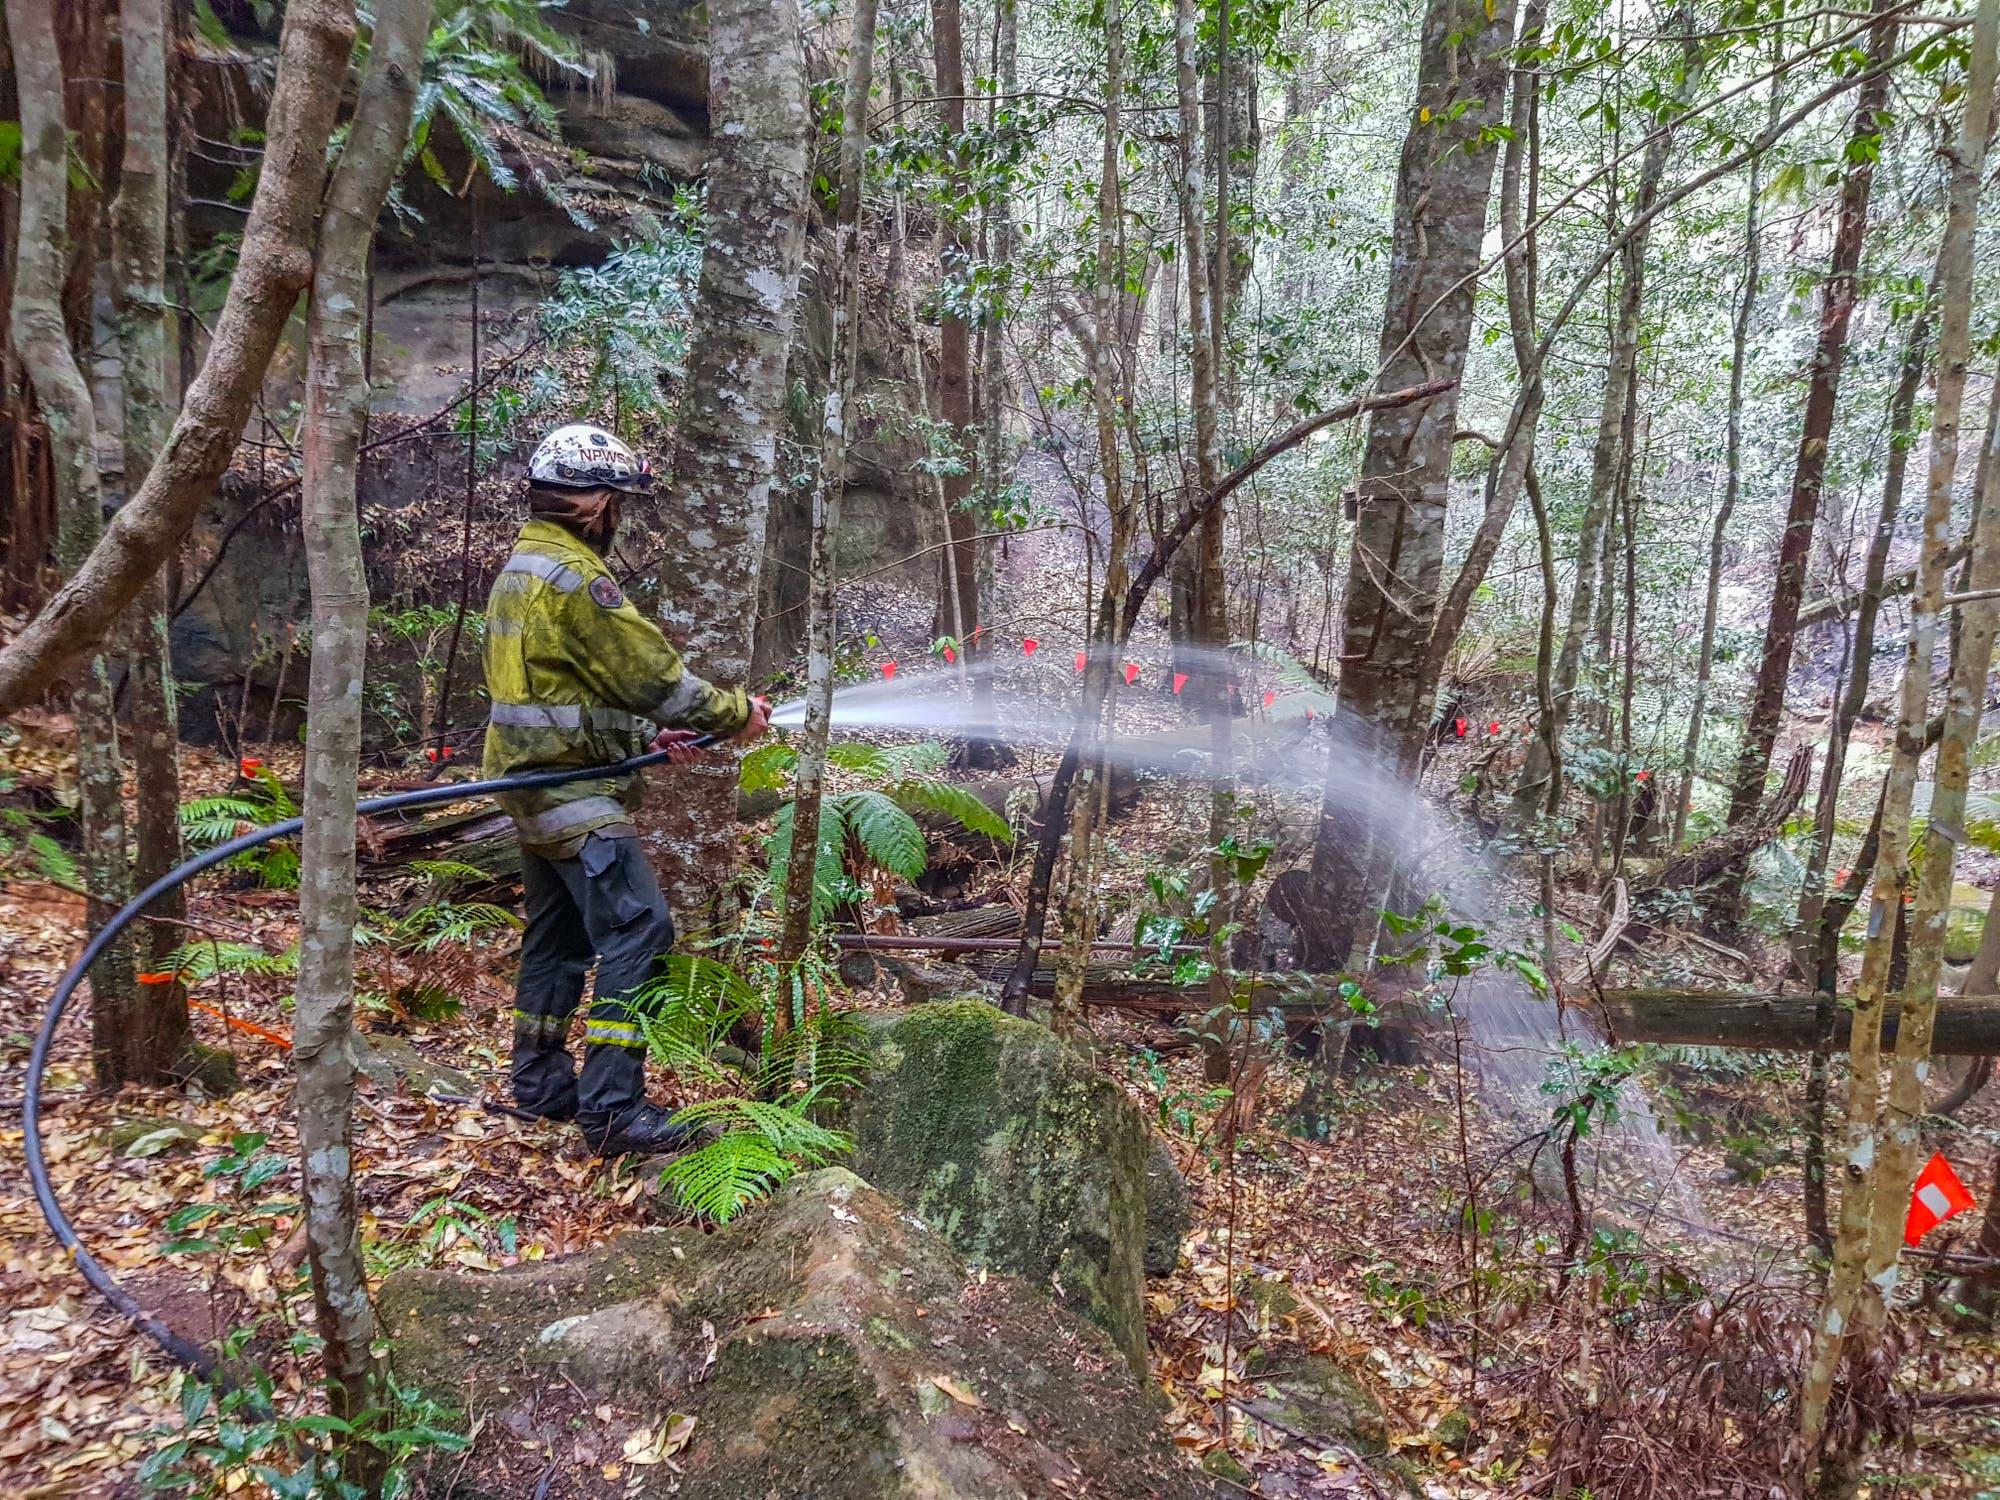 Feuerwehrmann wässert Unterholz